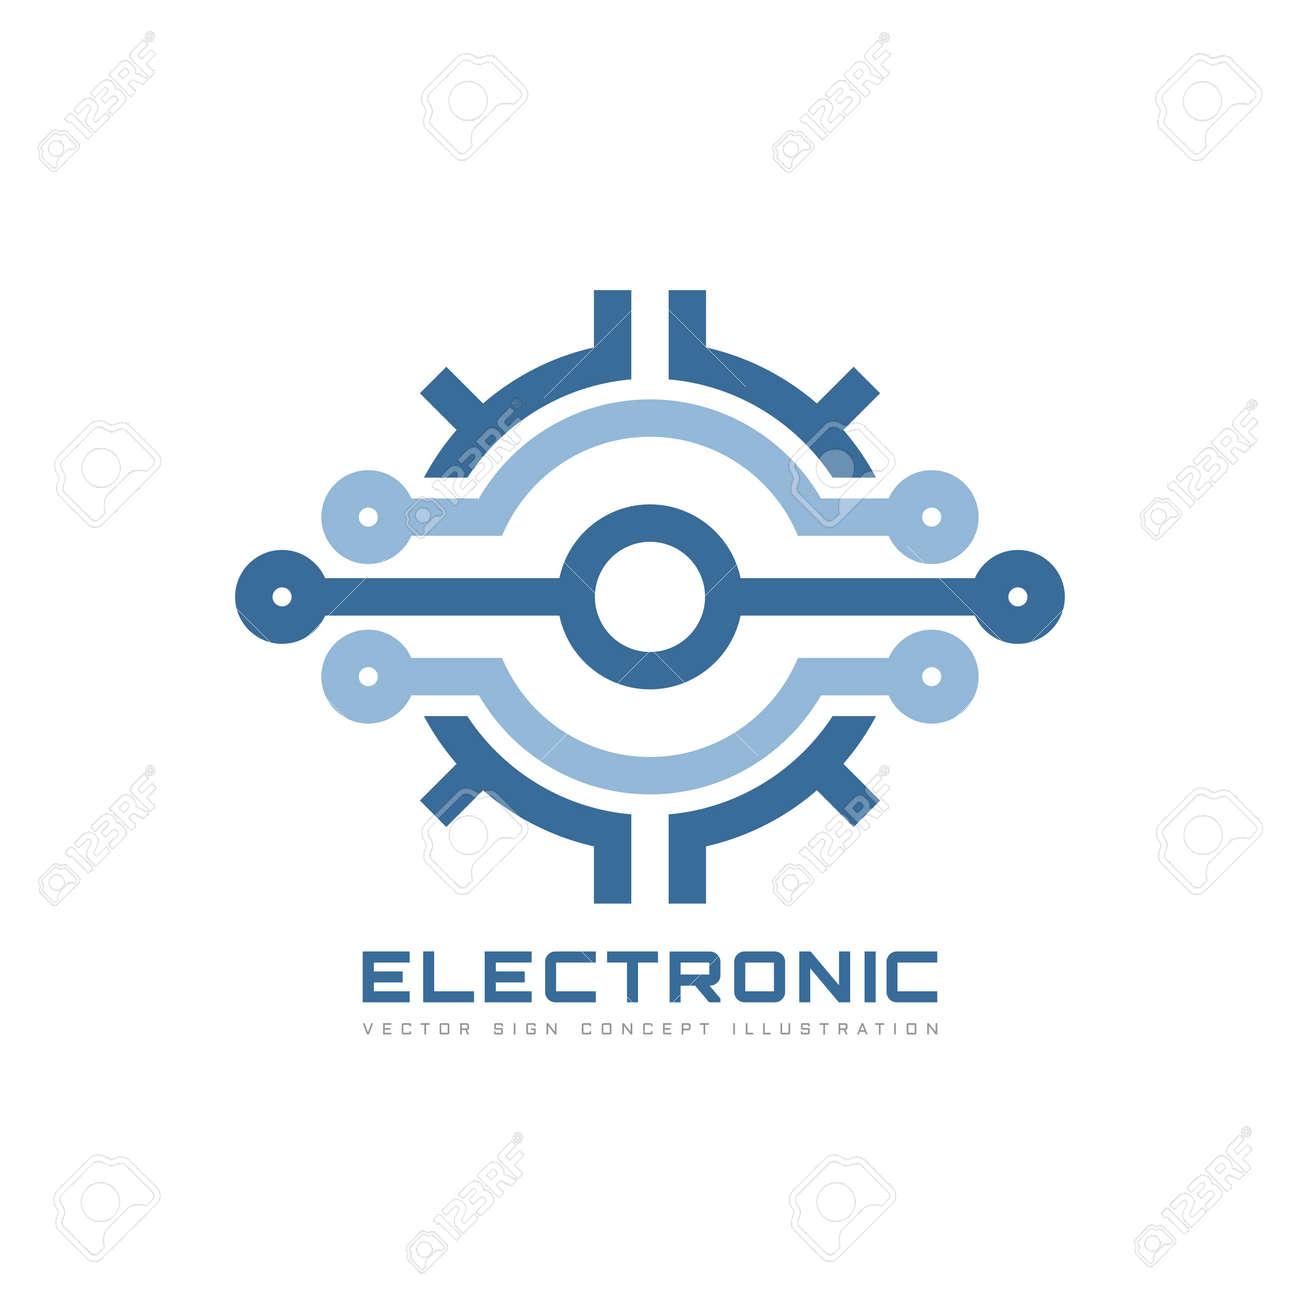 95d4013f2782f Technologie électronique - modèle de logo d'entreprise vectorielle pour  l'identité de l